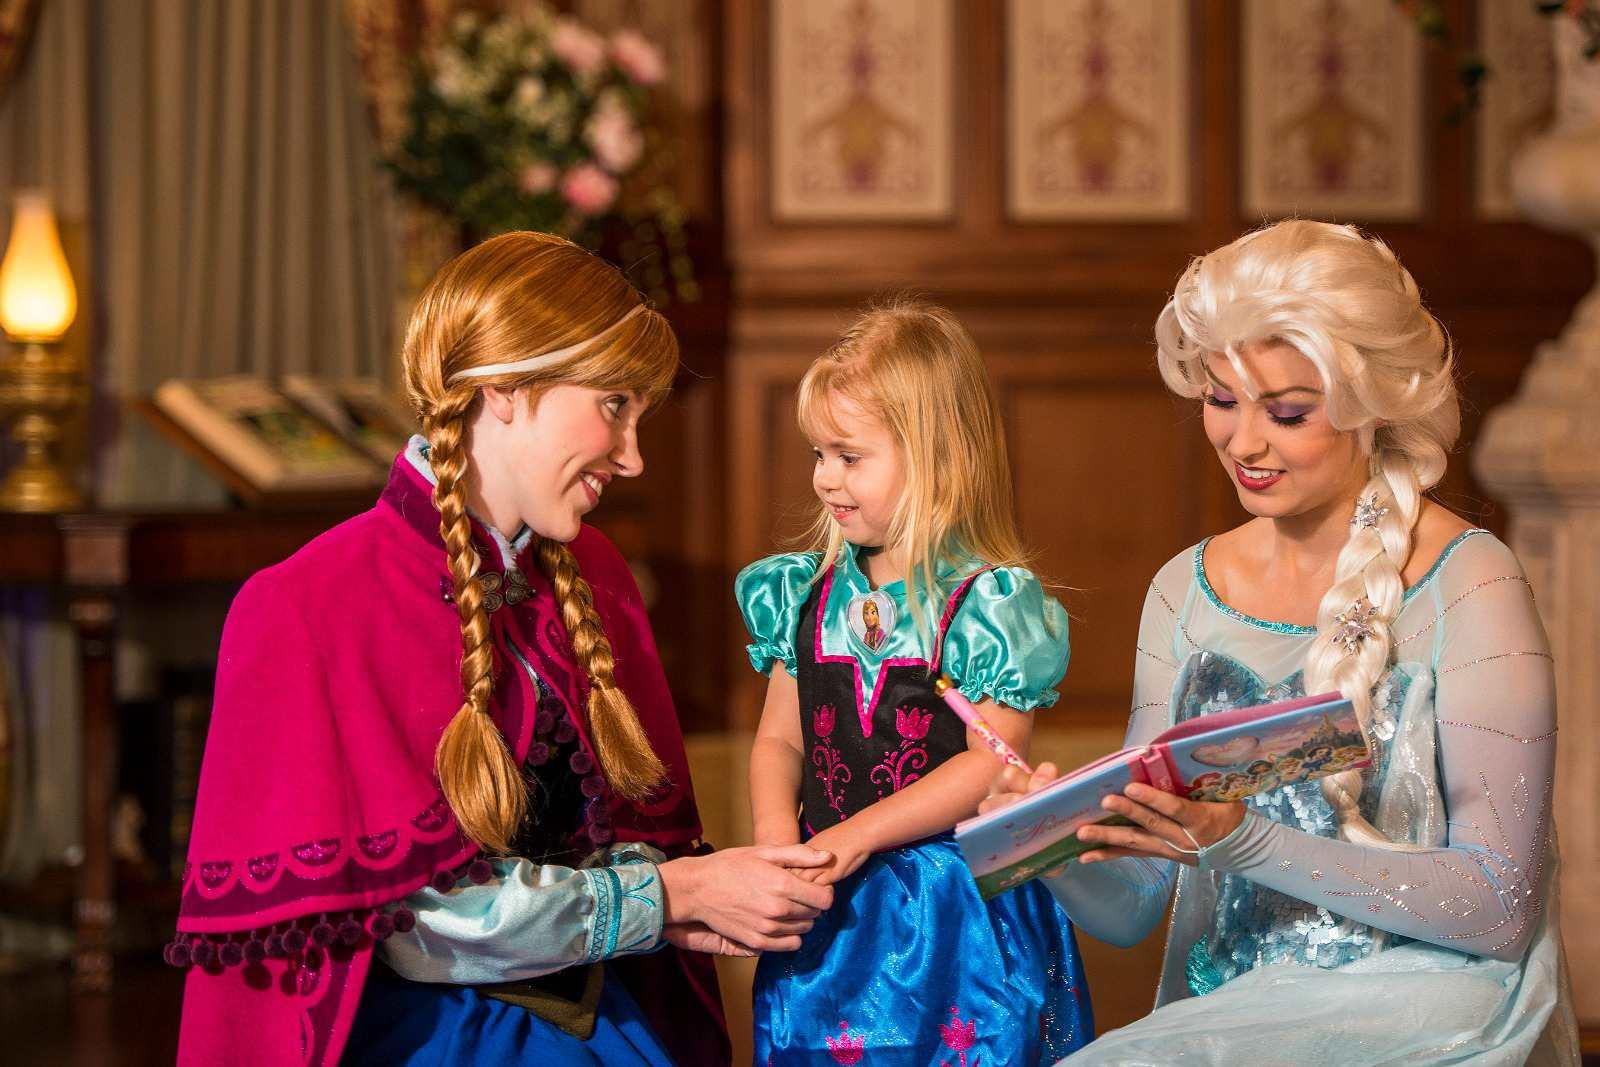 Anna y Elsa firman el libro de autógrafos de la niña